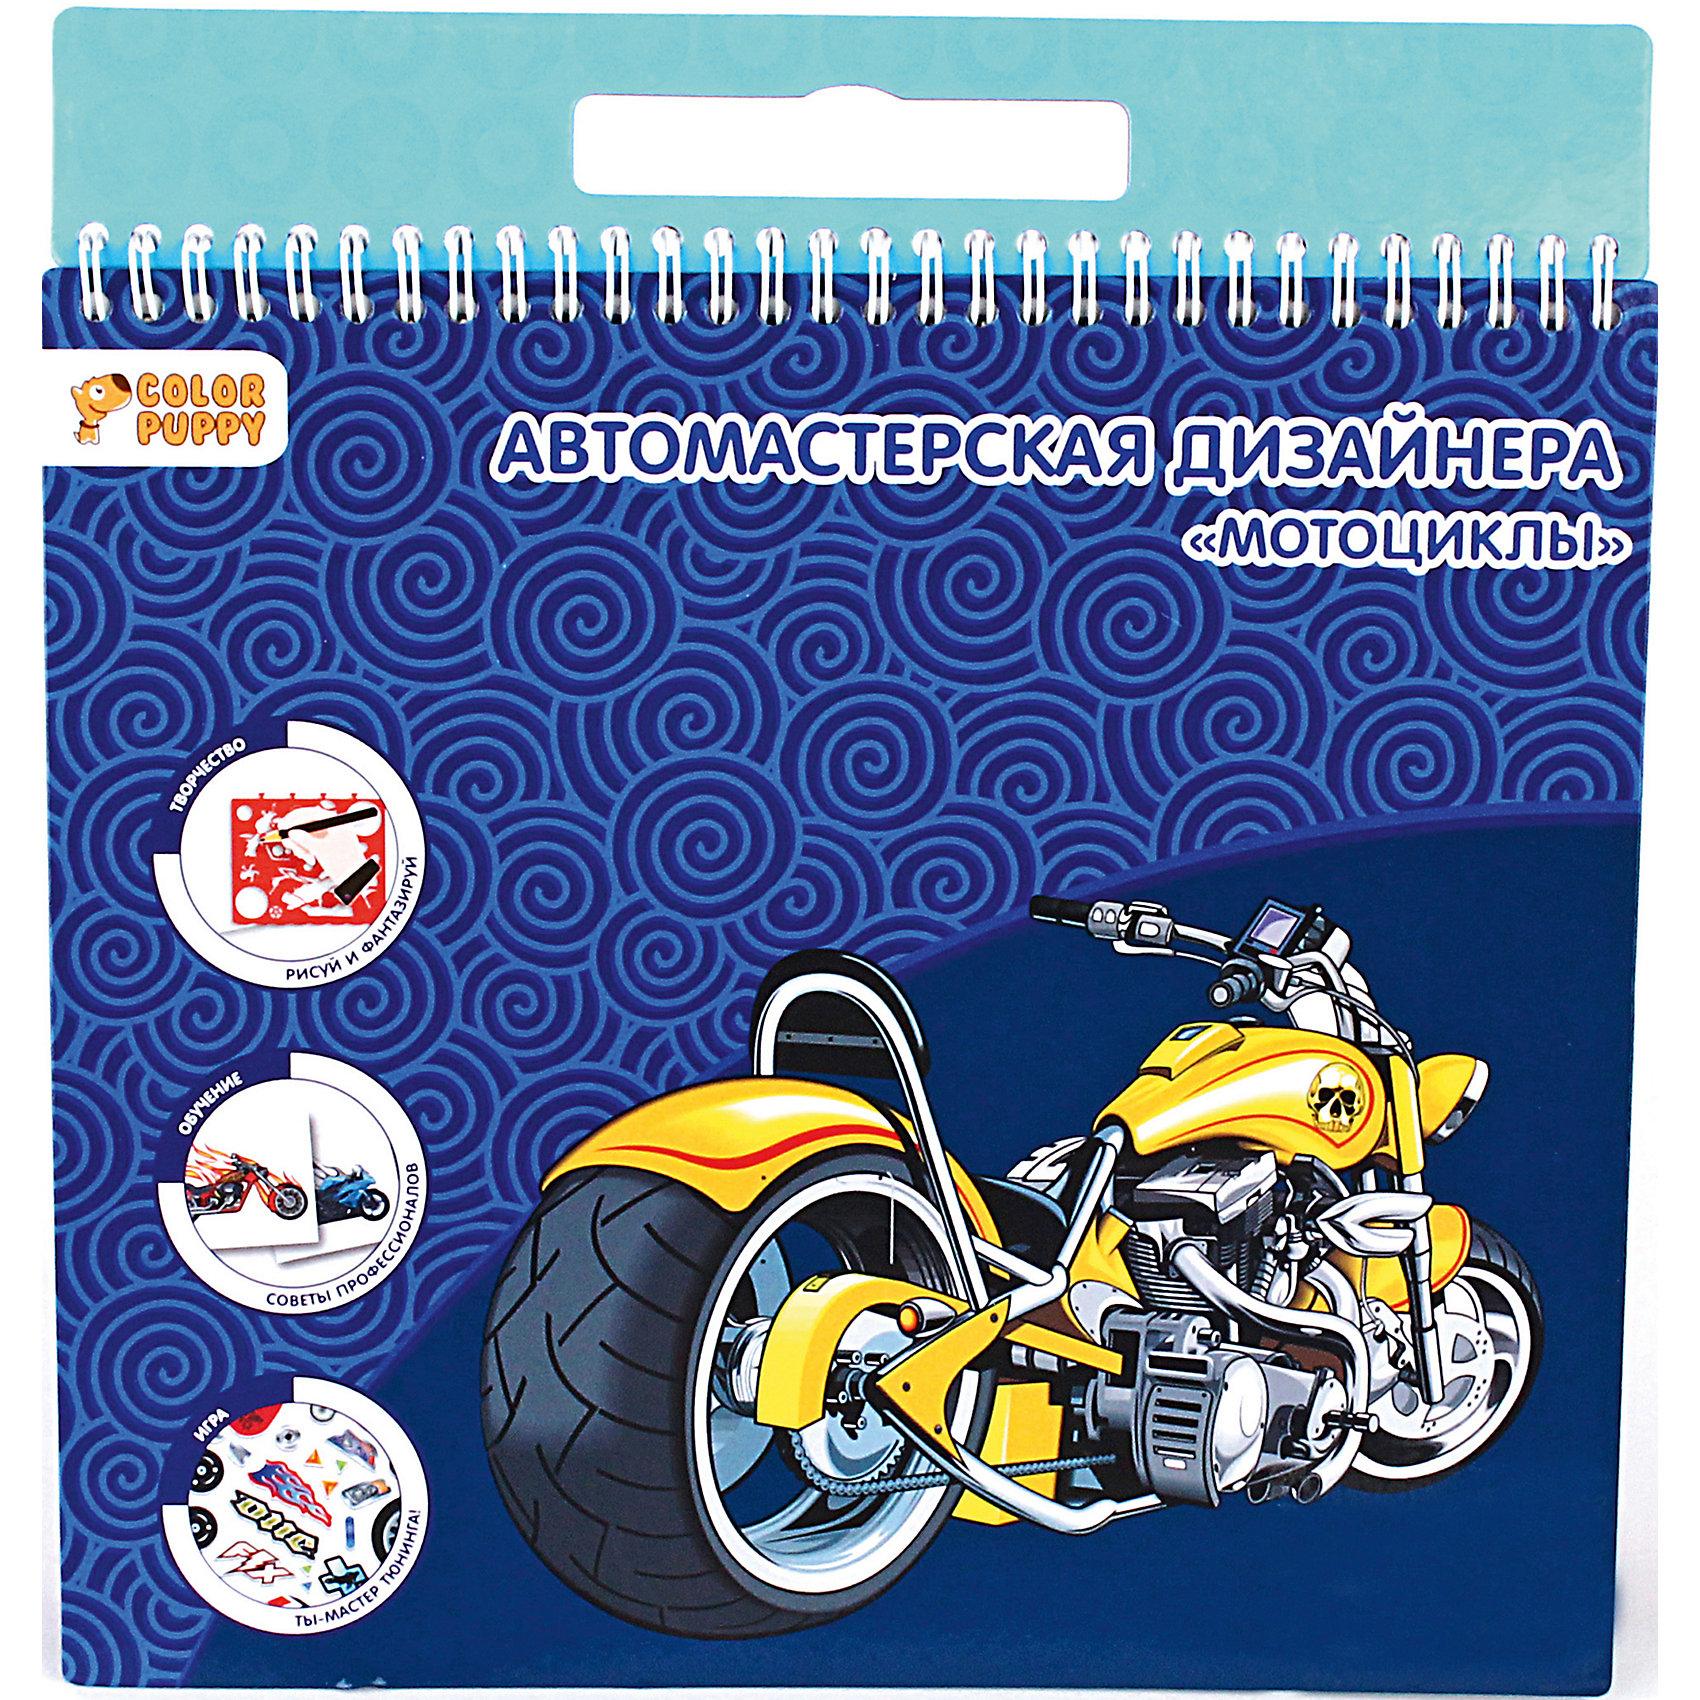 Набор для творчества Мастерская дизайнера: мотоциклыДетские трафареты<br>Набор для творчества Мастерская дизайнера: мотоциклы - отличный подарок юному любителю мототехники! <br> Раскрась готовый контурный рисунок. Почувствуй себя мастером тюнинга. Нарисуй аккуратно и красиво автомобильные аксессуары, используя трафареты. <br> Дополни рисунок оригинальными наклейками, которые придумали профессиональные дизайнеры специально для тебя! <br> Придумай названию своему супермотоциклу!<br><br>Ширина мм: 260<br>Глубина мм: 285<br>Высота мм: 50<br>Вес г: 404<br>Возраст от месяцев: 36<br>Возраст до месяцев: 108<br>Пол: Мужской<br>Возраст: Детский<br>SKU: 5078335